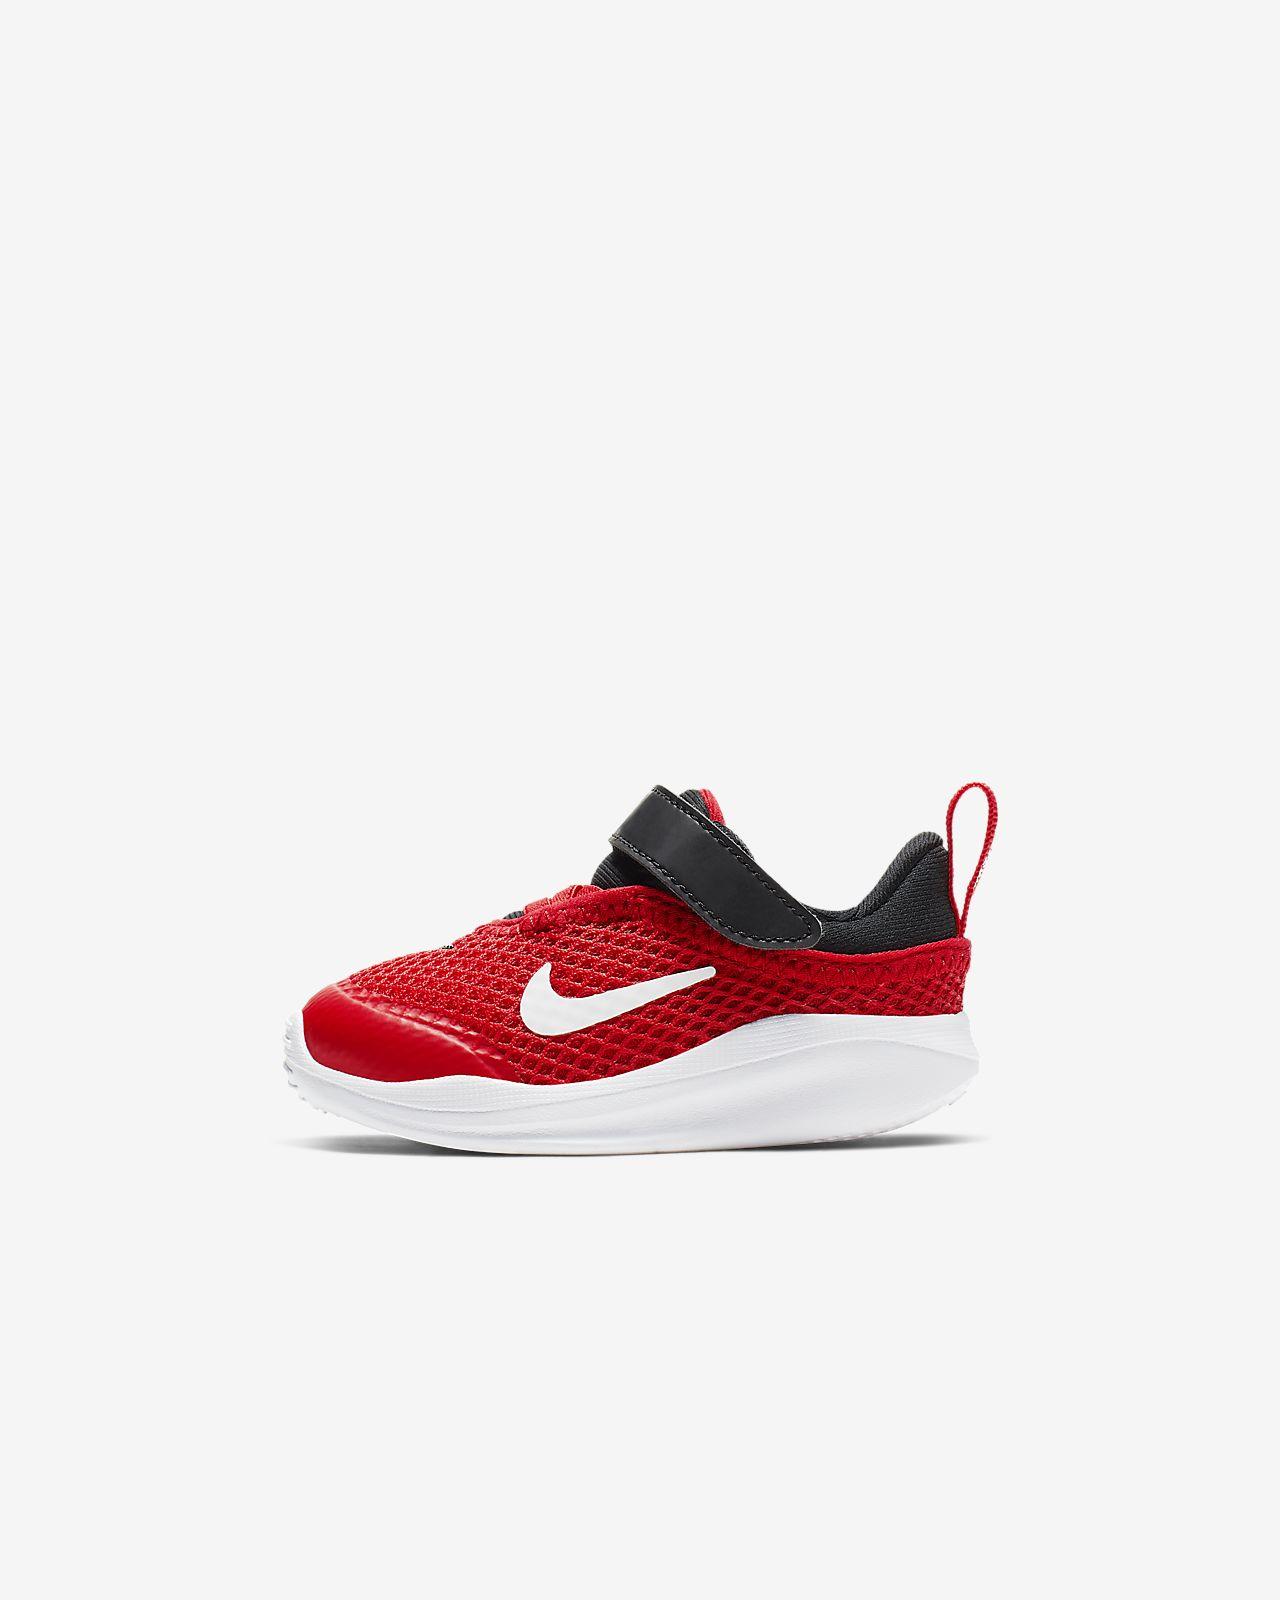 Nike ACMI Baby/Toddler Shoe